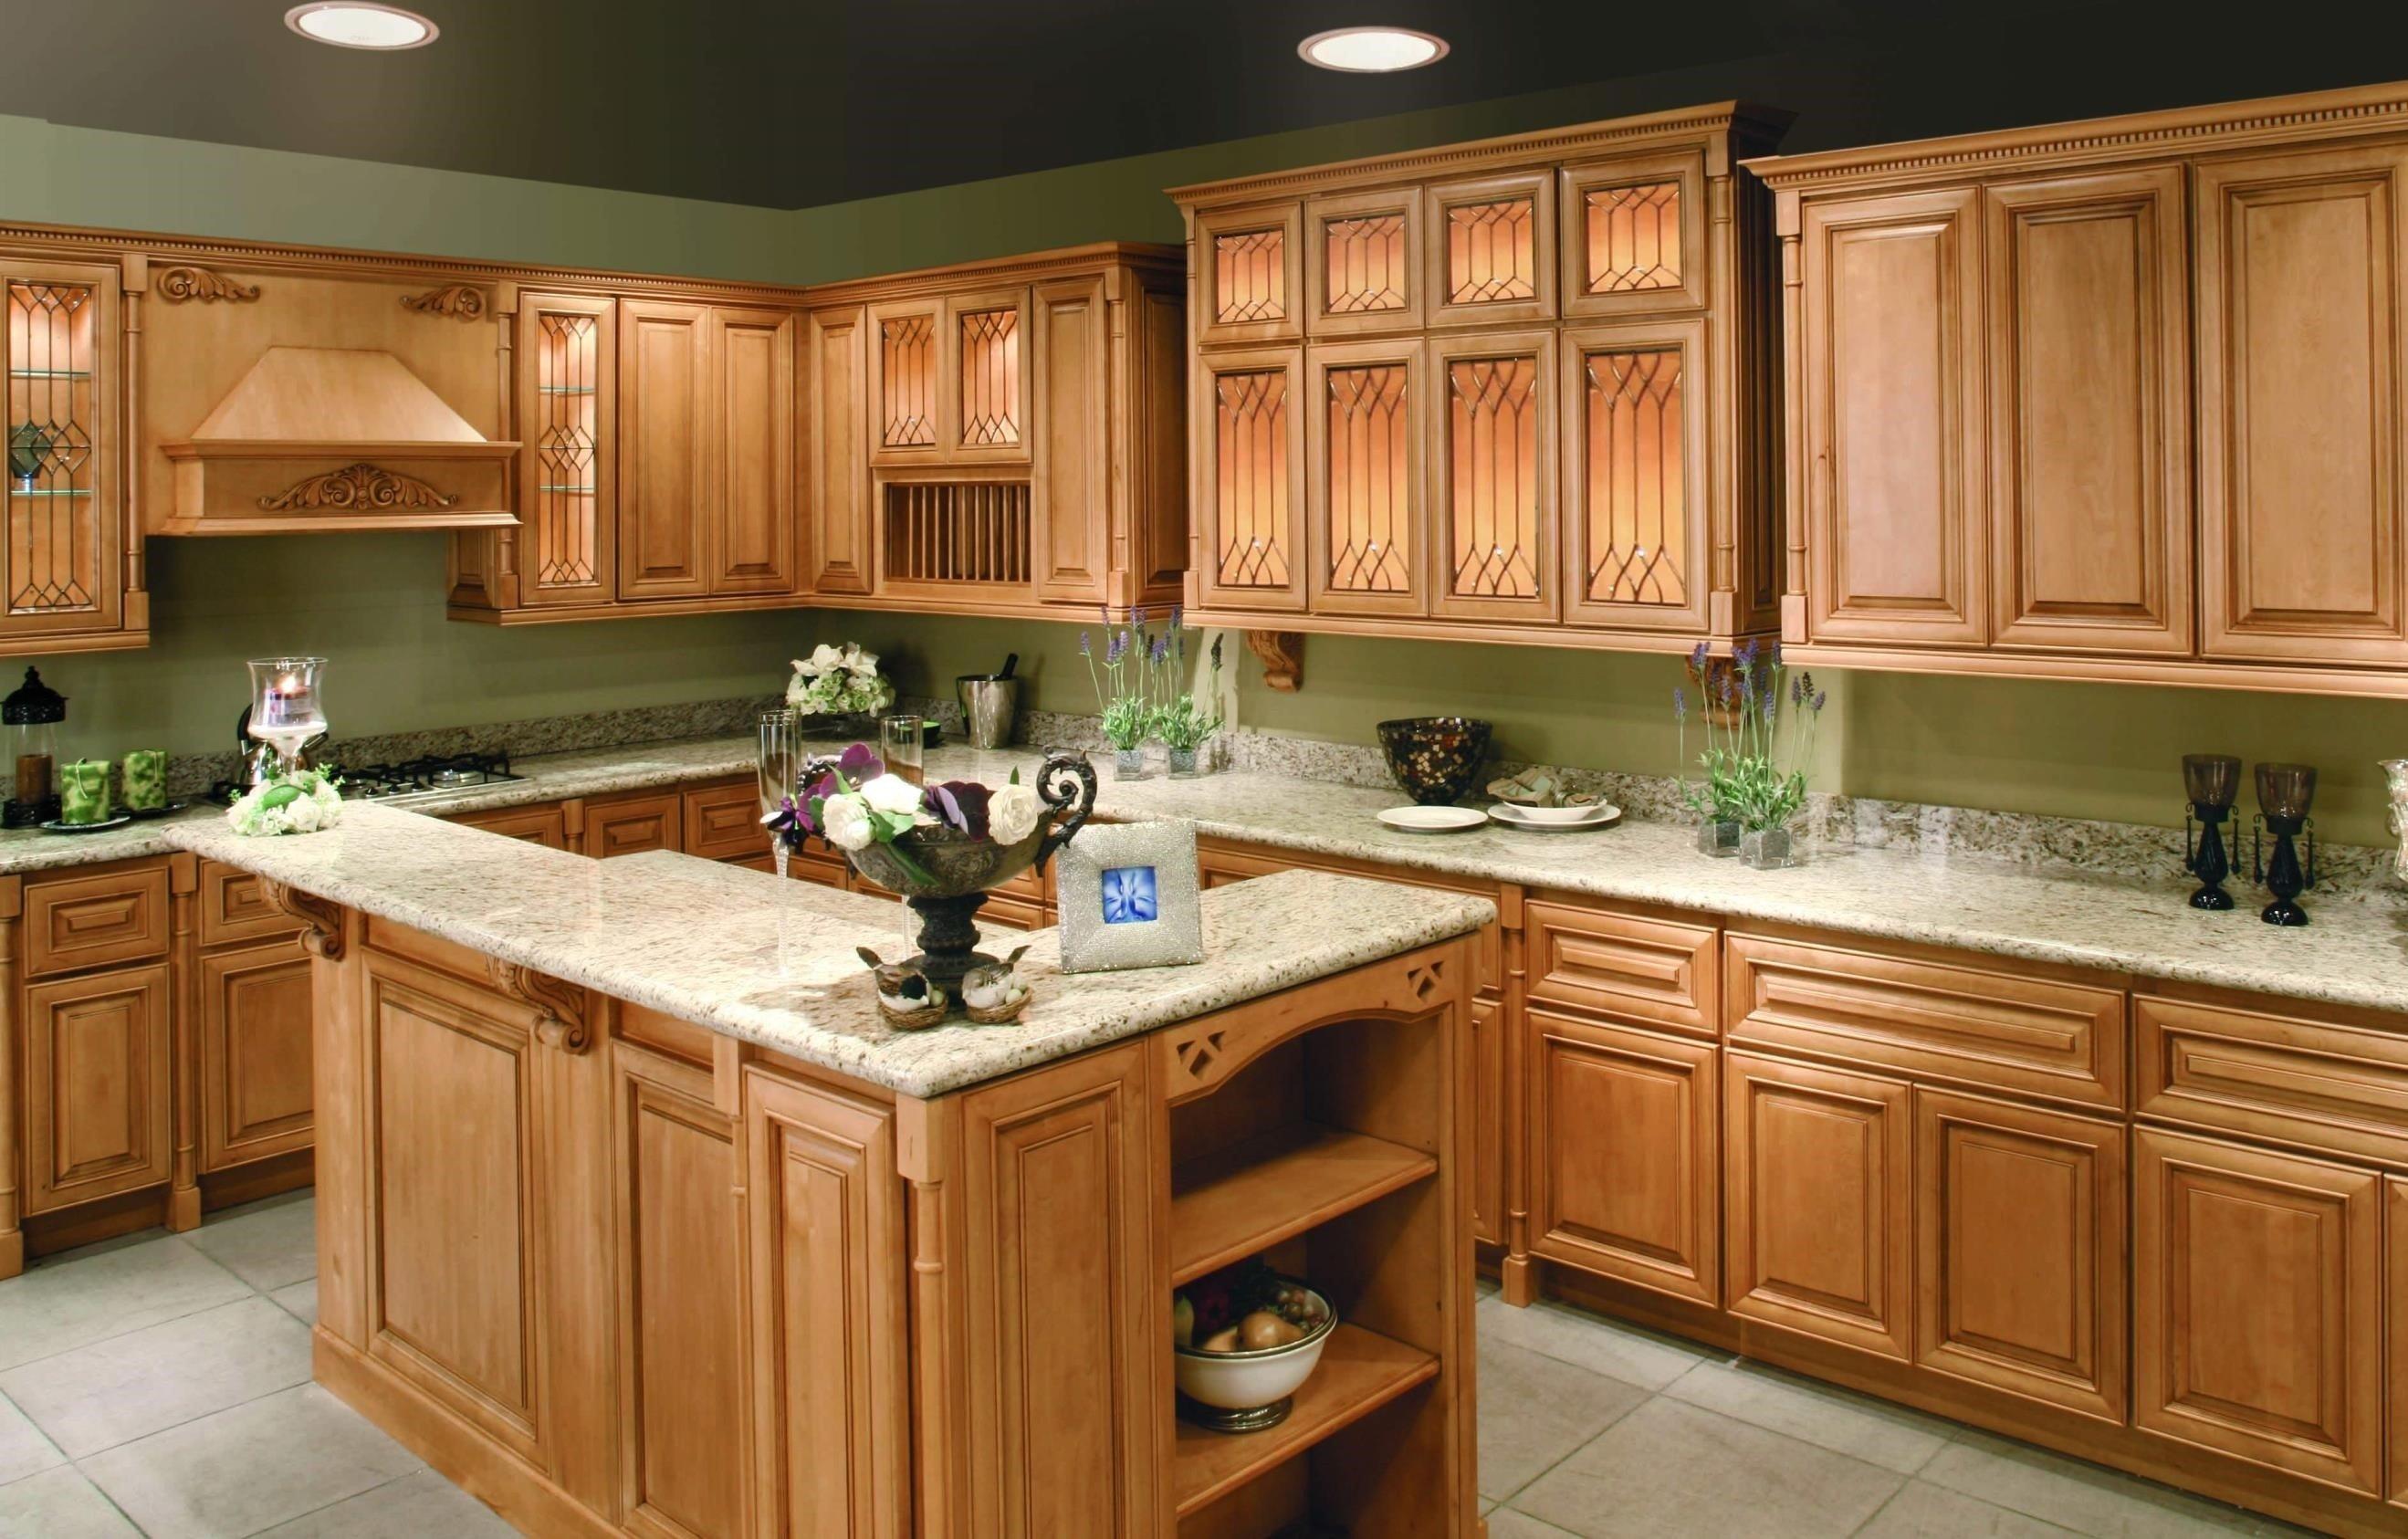 10 Fantastic Kitchen Color Ideas With Oak Cabinets colorful kitchens modern kitchen cabinets colors kitchen paint 2020